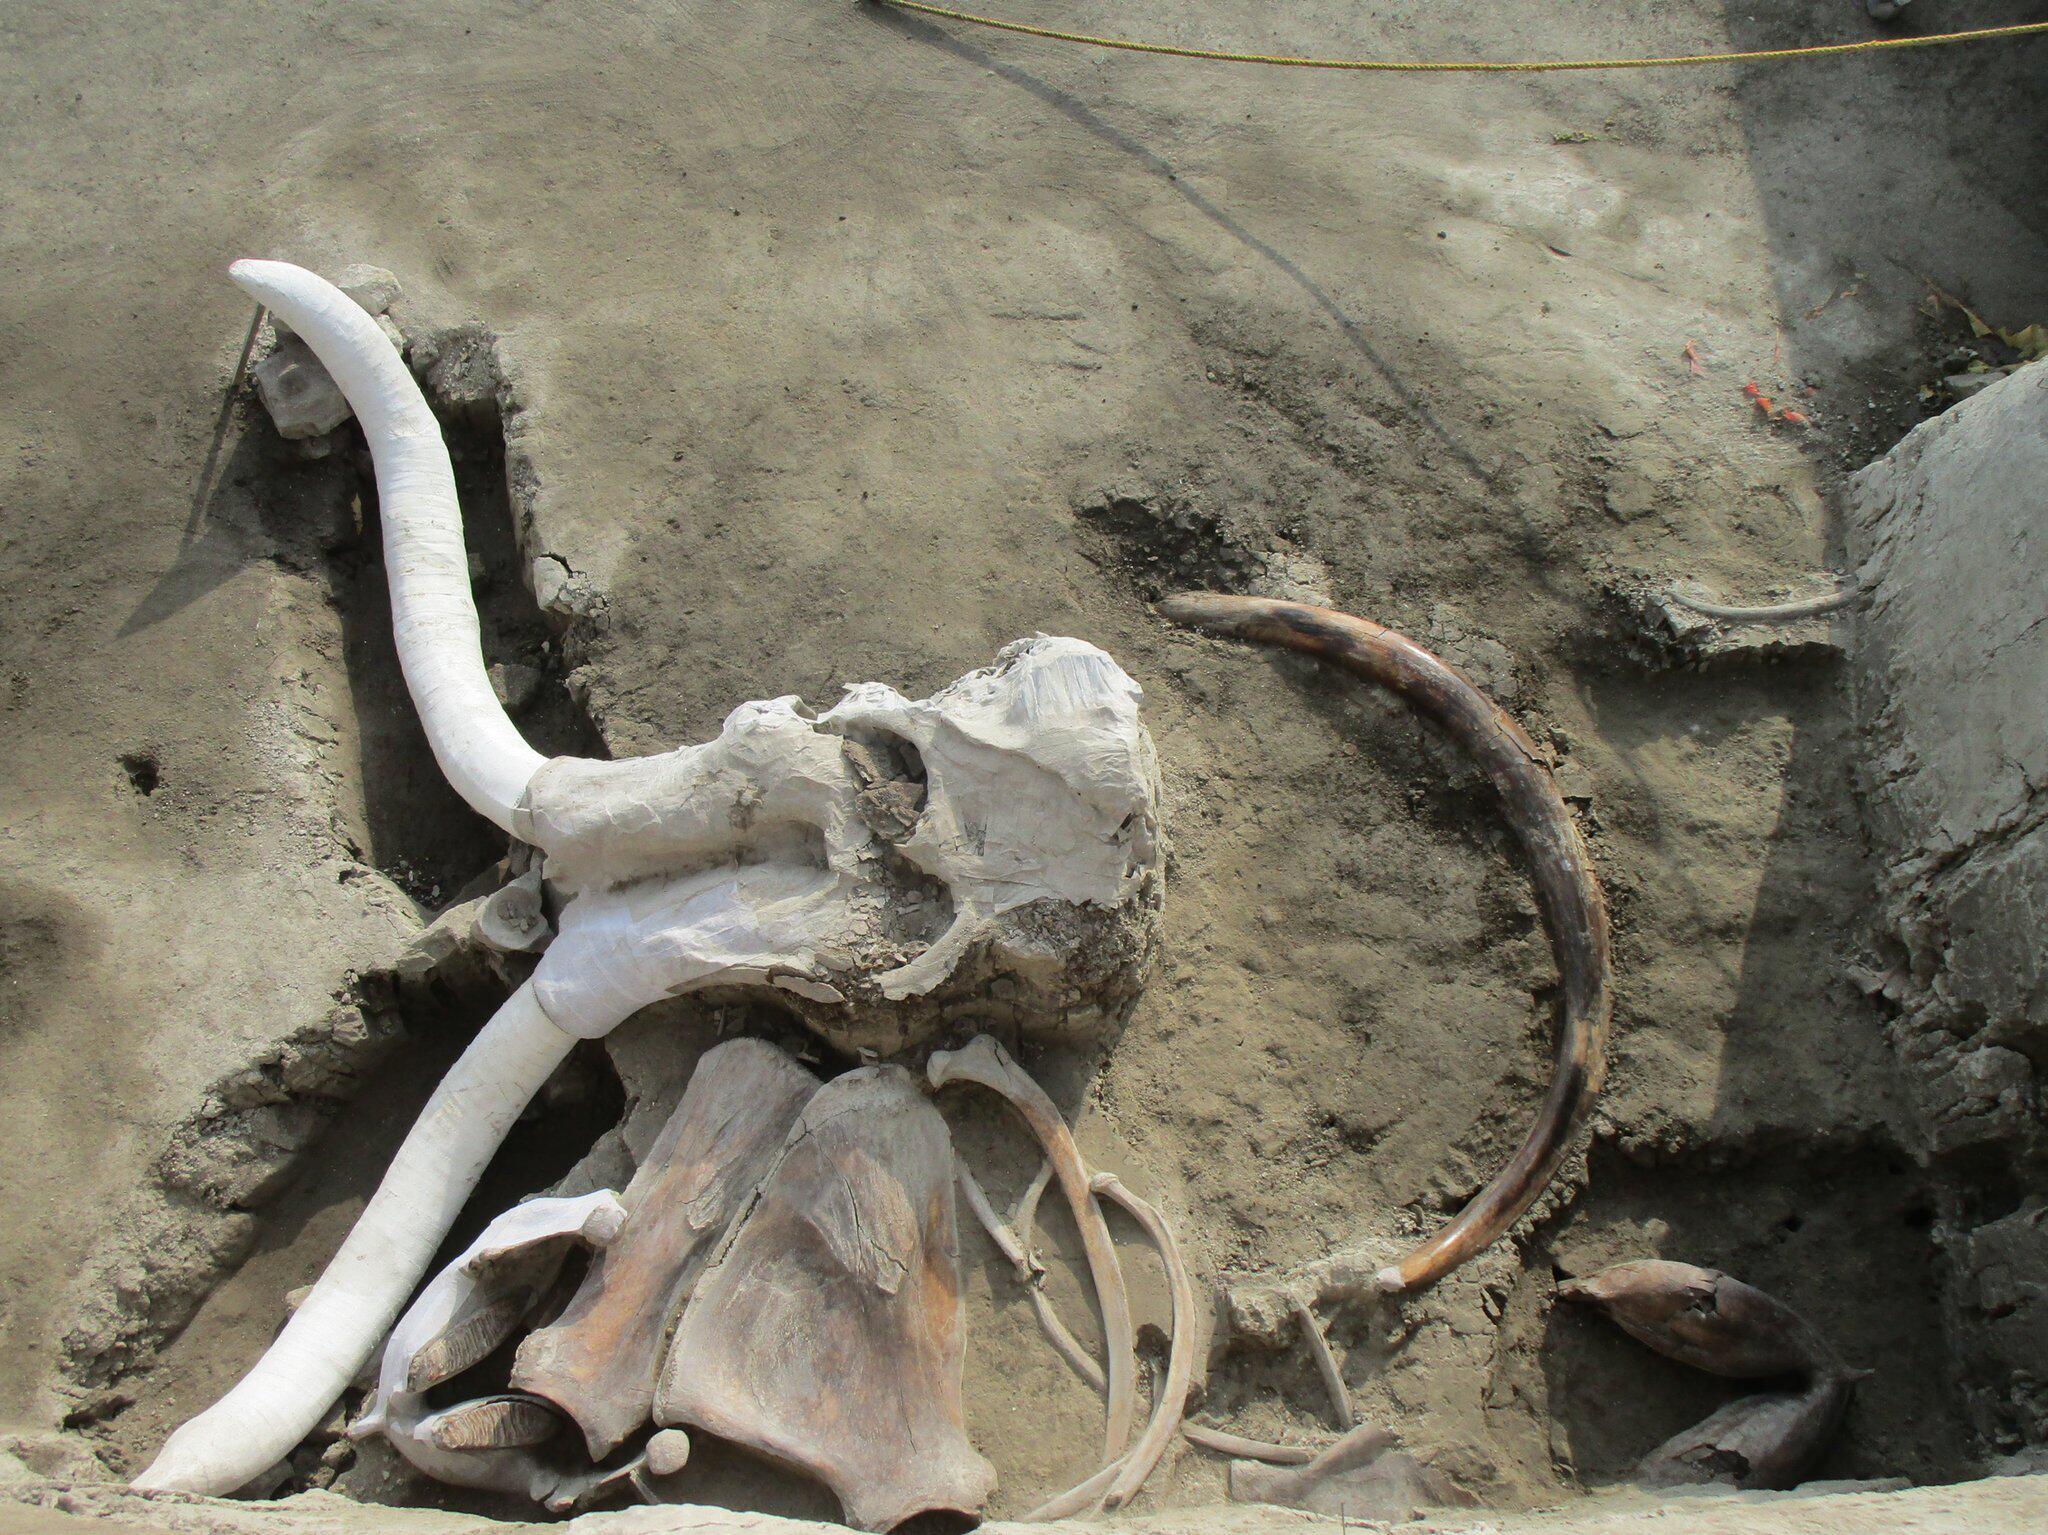 Archäologen in Mexiko machen weltweit größten Fund von Mammut-Knochen - Panorama